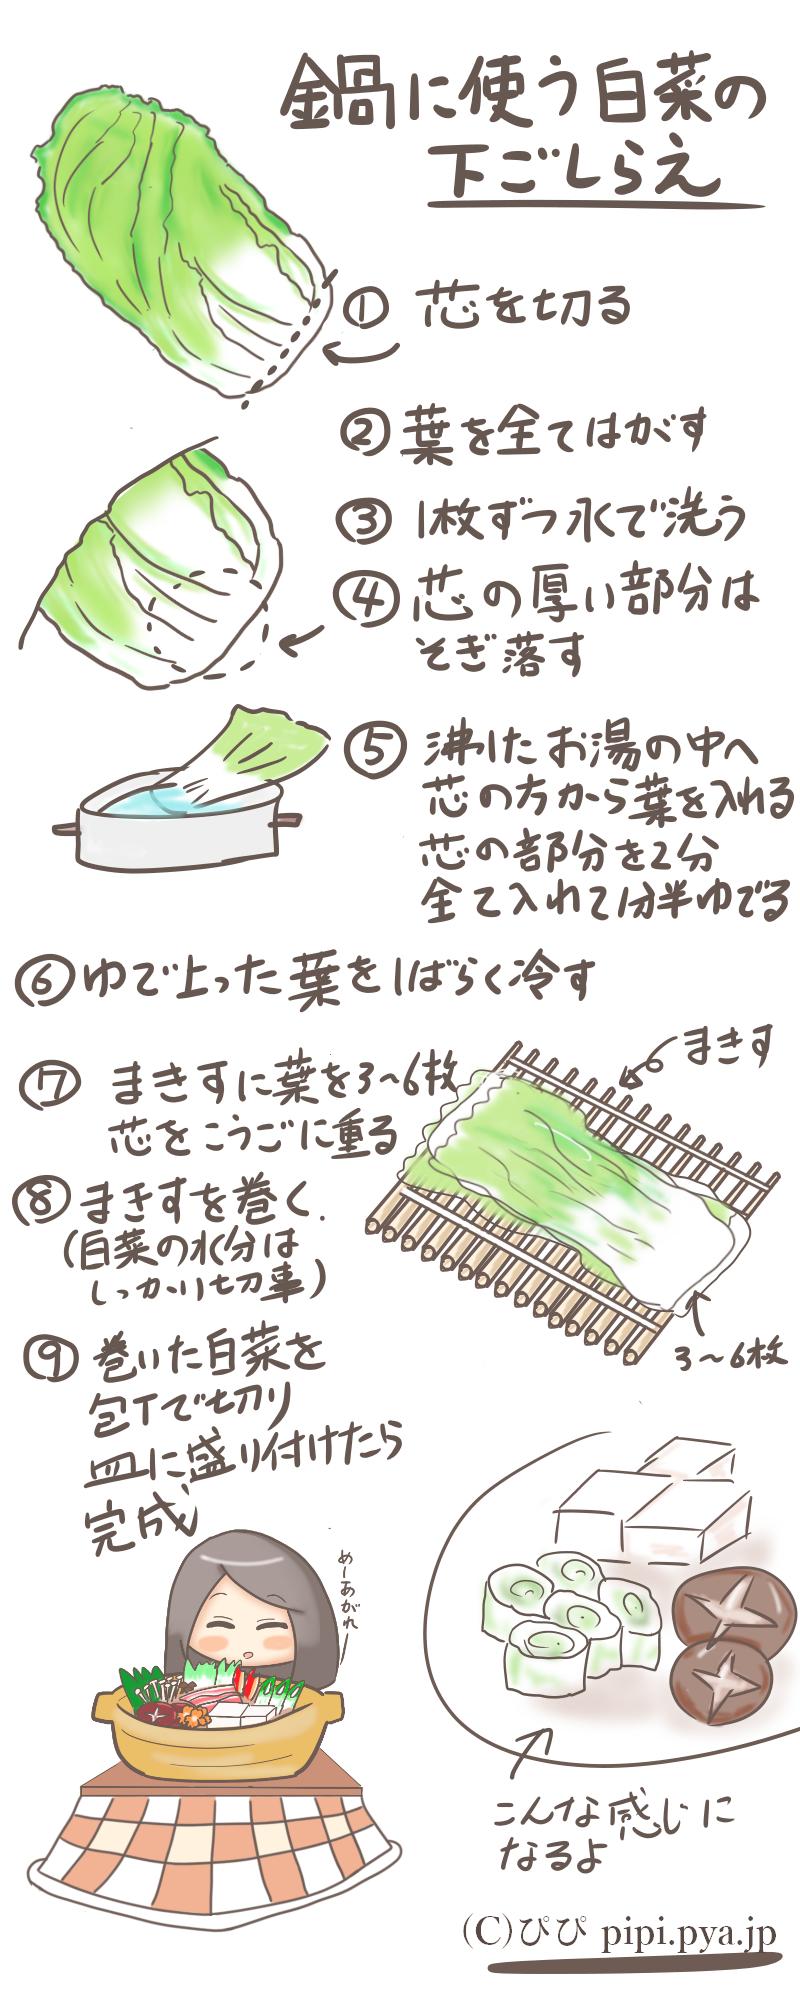 鍋に使う白菜の下ごしらえ方法